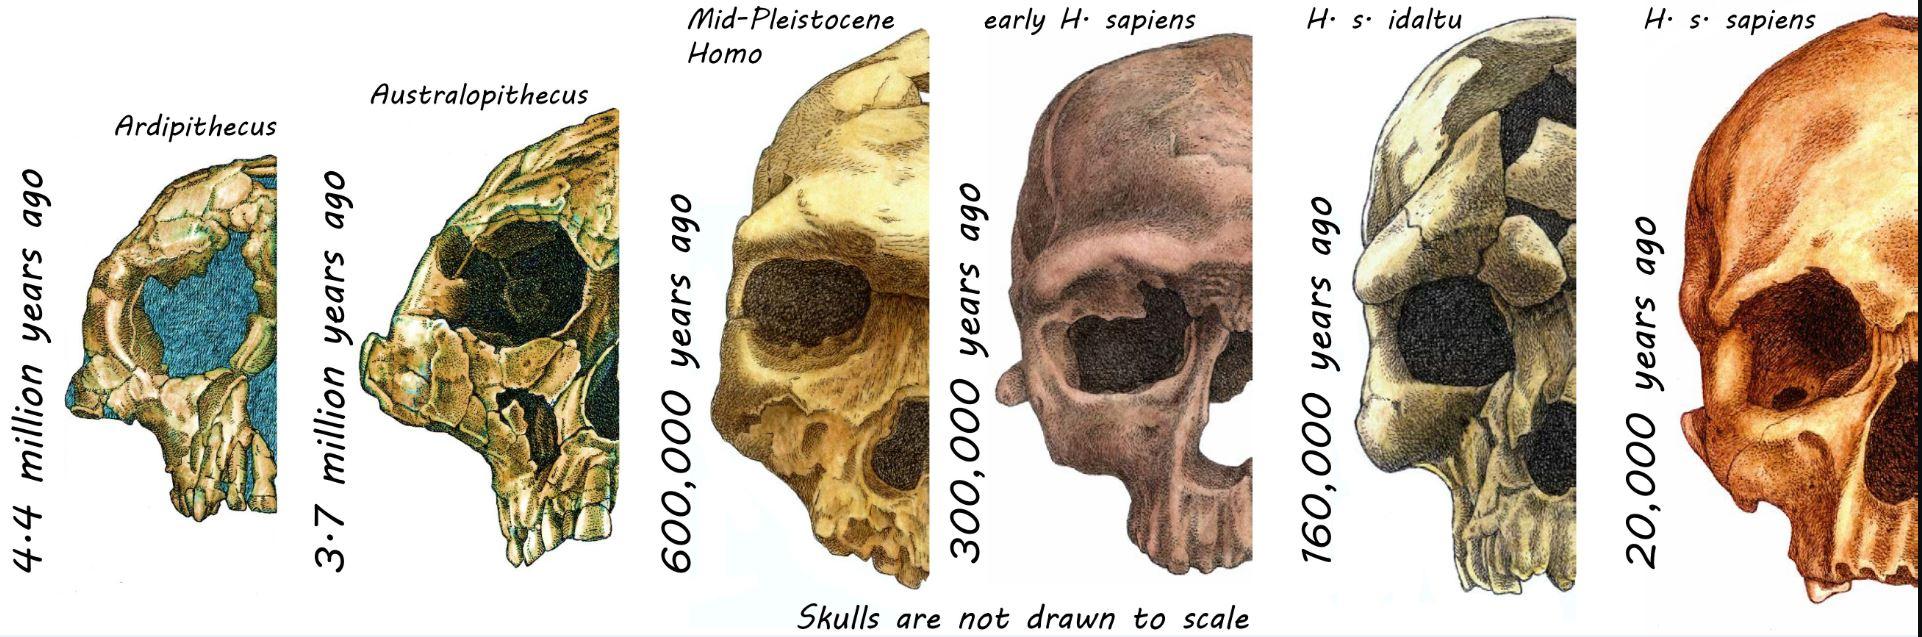 ¿Por qué los humanos modernos tenemos el rostro que tenemos?